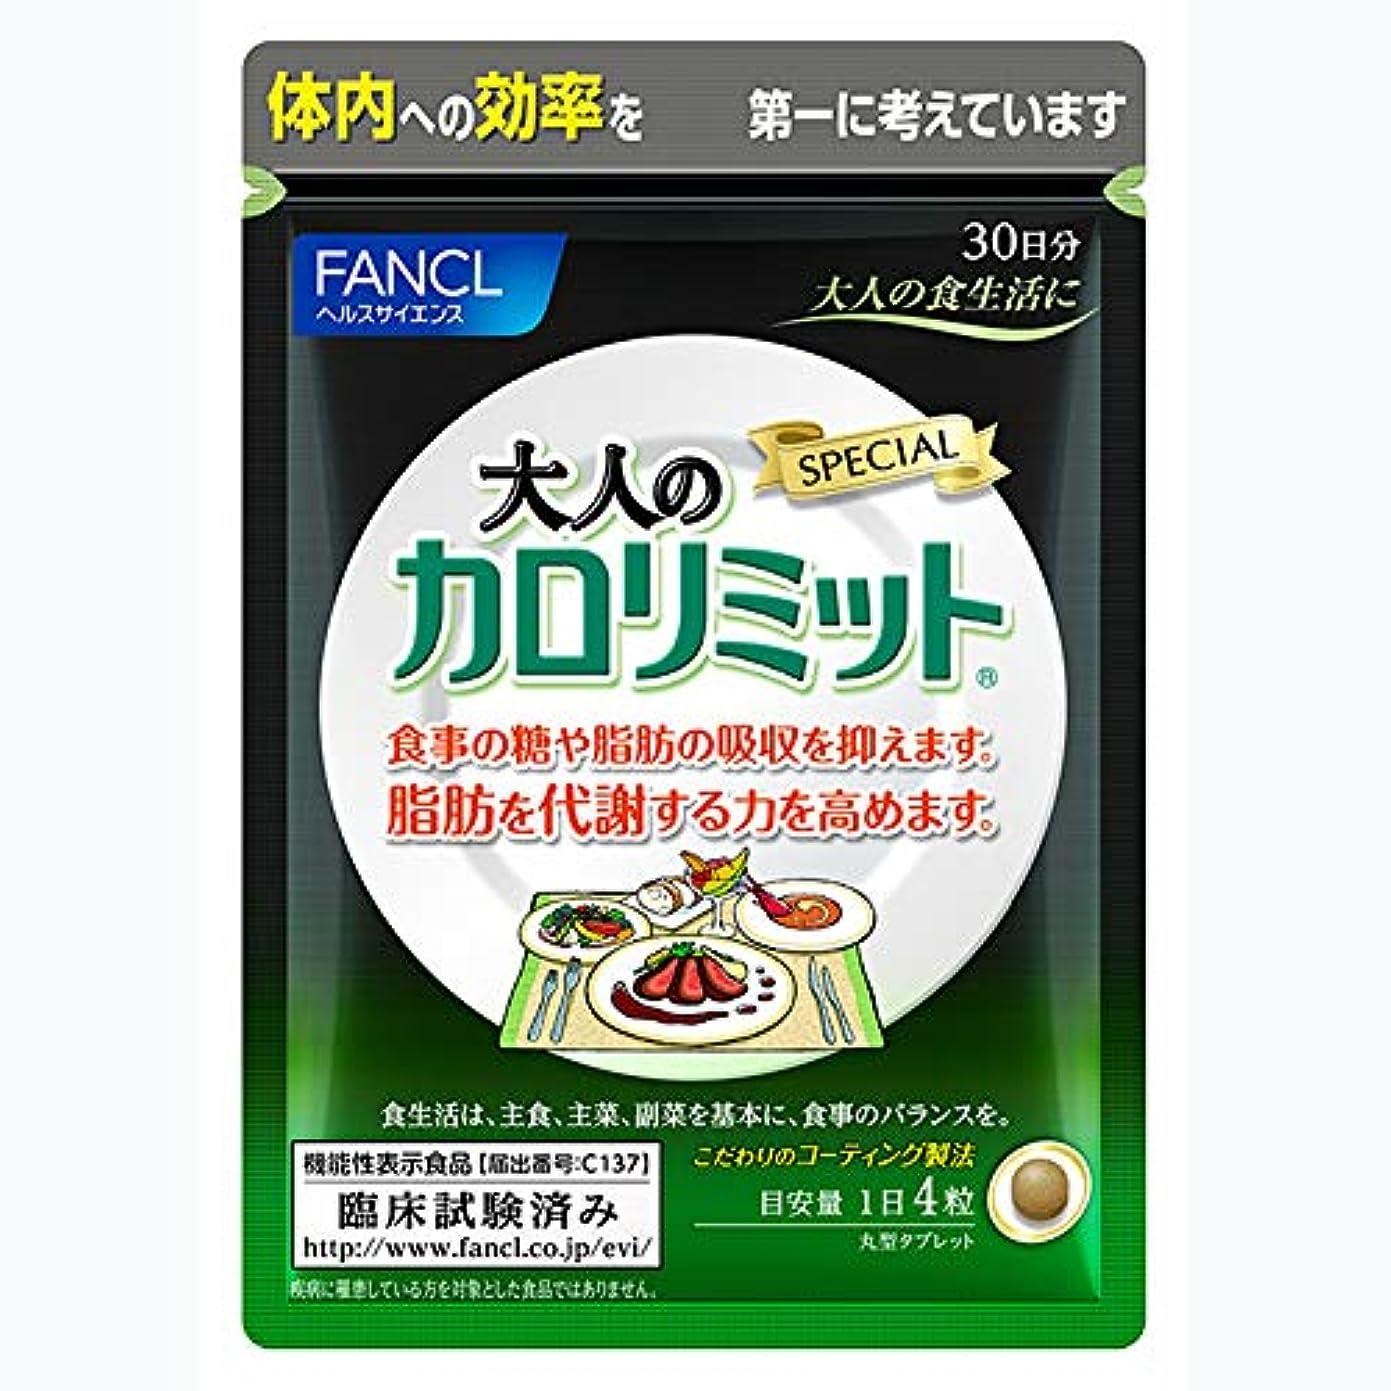 ストロークハーフ名門ファンケル(FANCL) 大人のカロリミット [機能性表示食品] 30日分 120粒